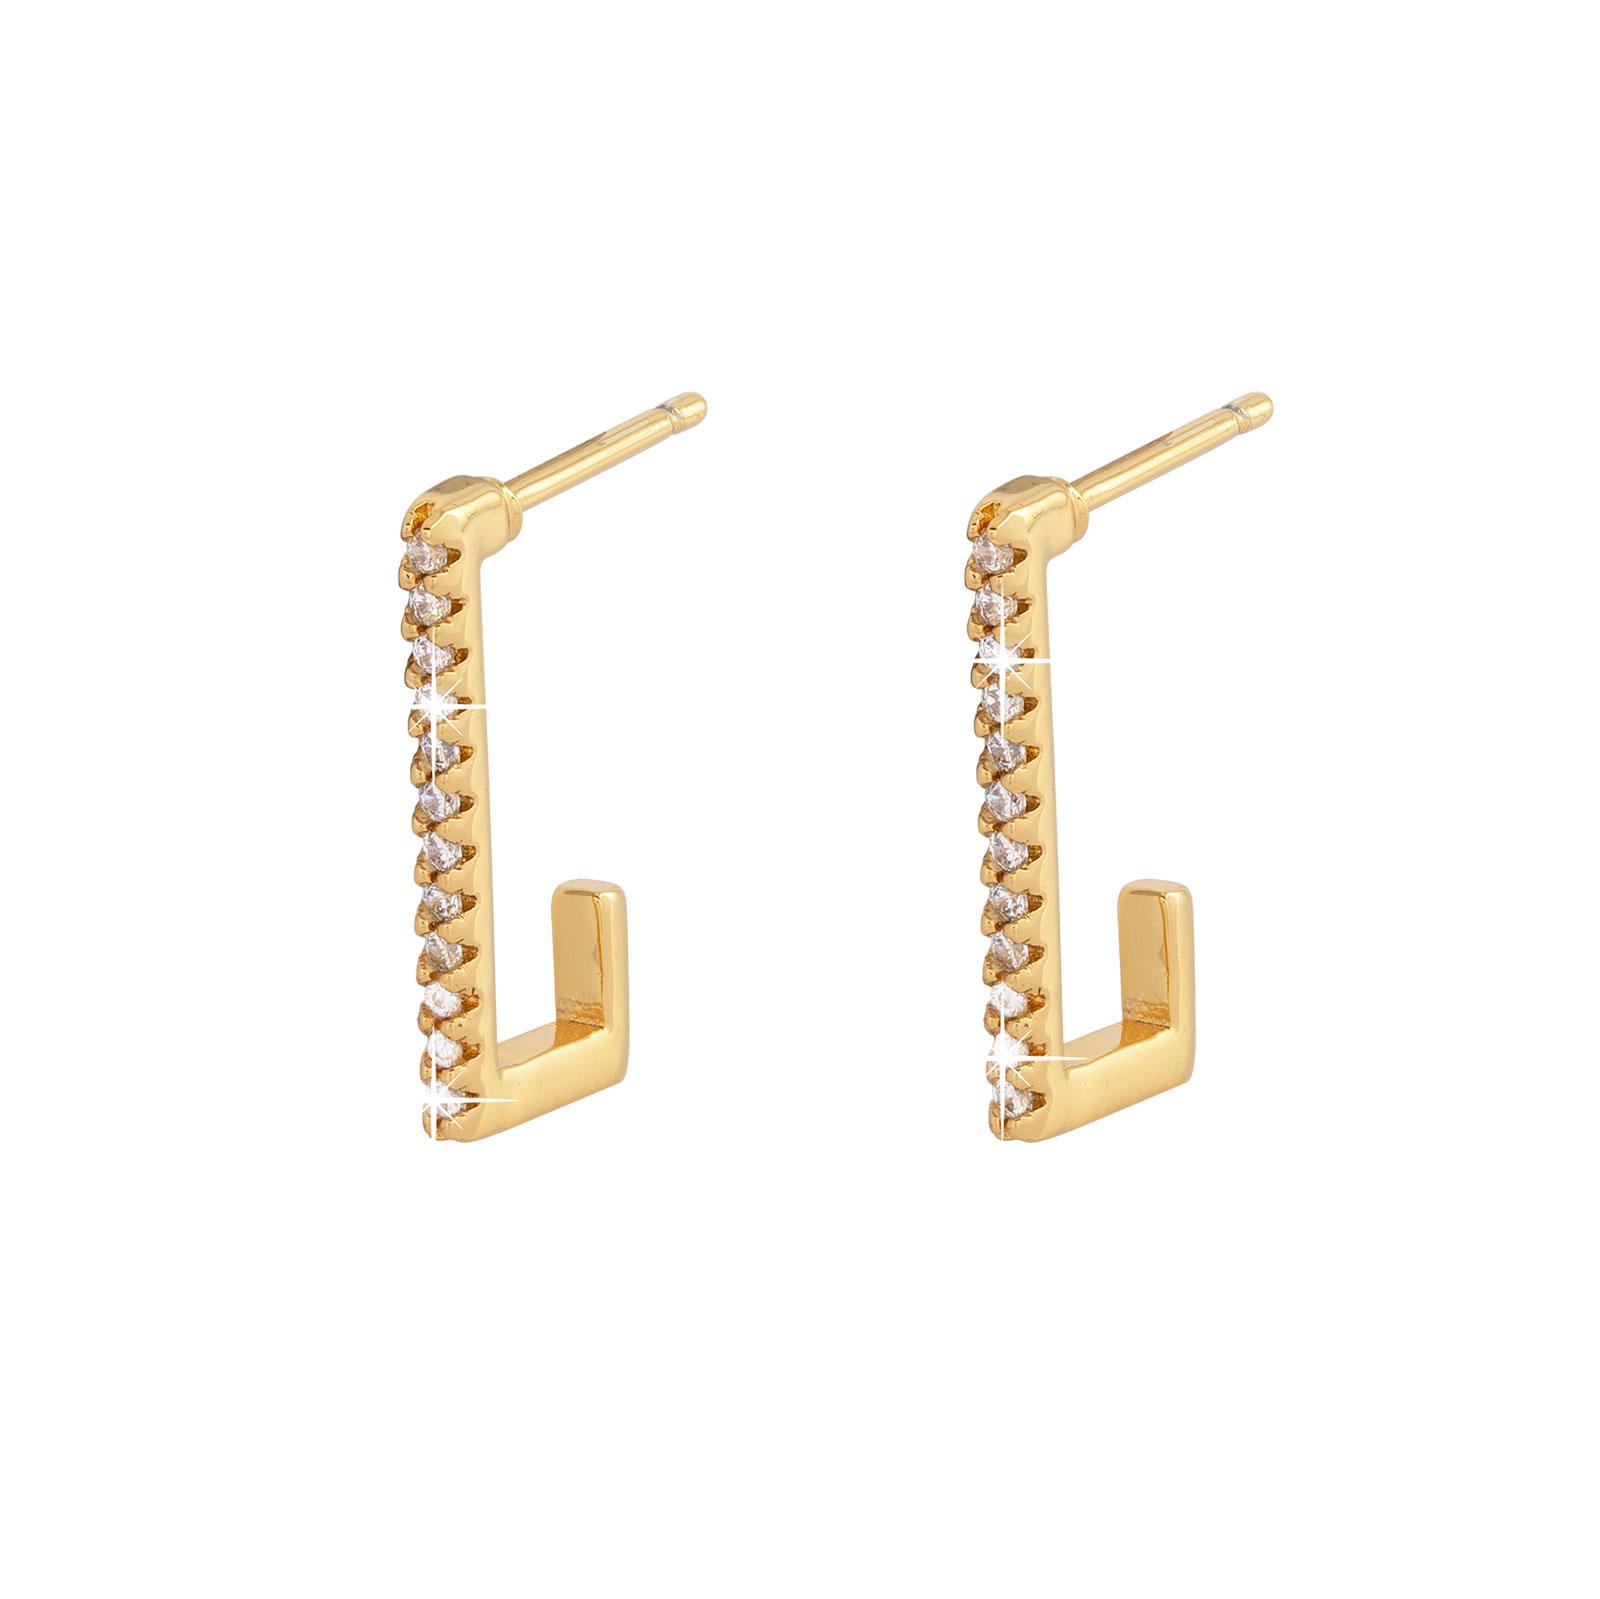 Guldpläterade örhängen -16mm